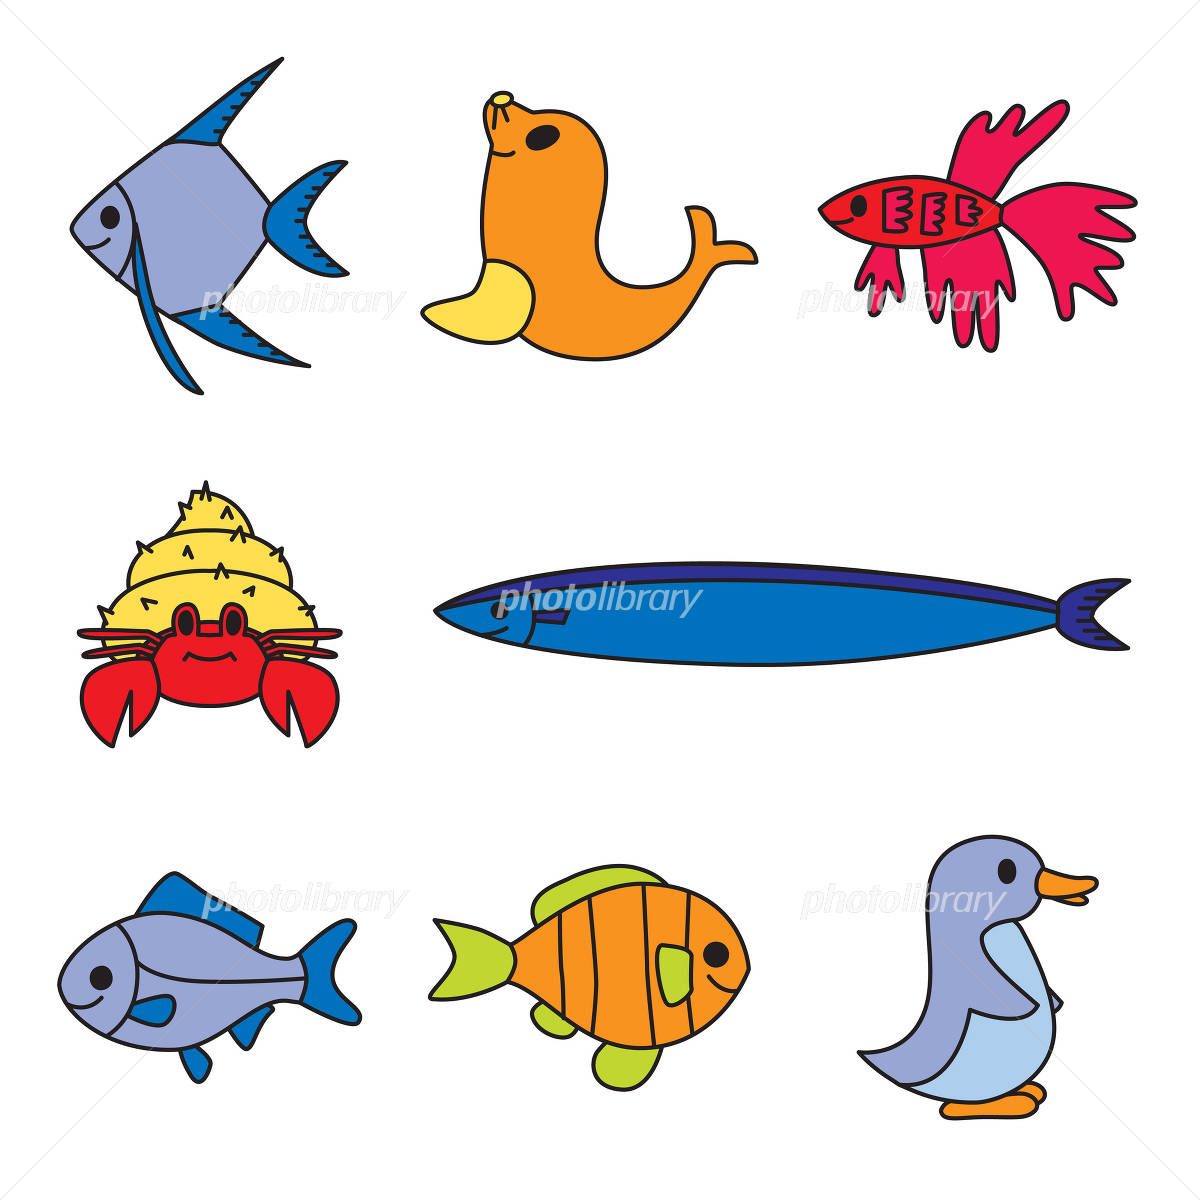 かわいい魚 イラスト素材 [ 1233791 ] - フォトライブラリー photolibrary